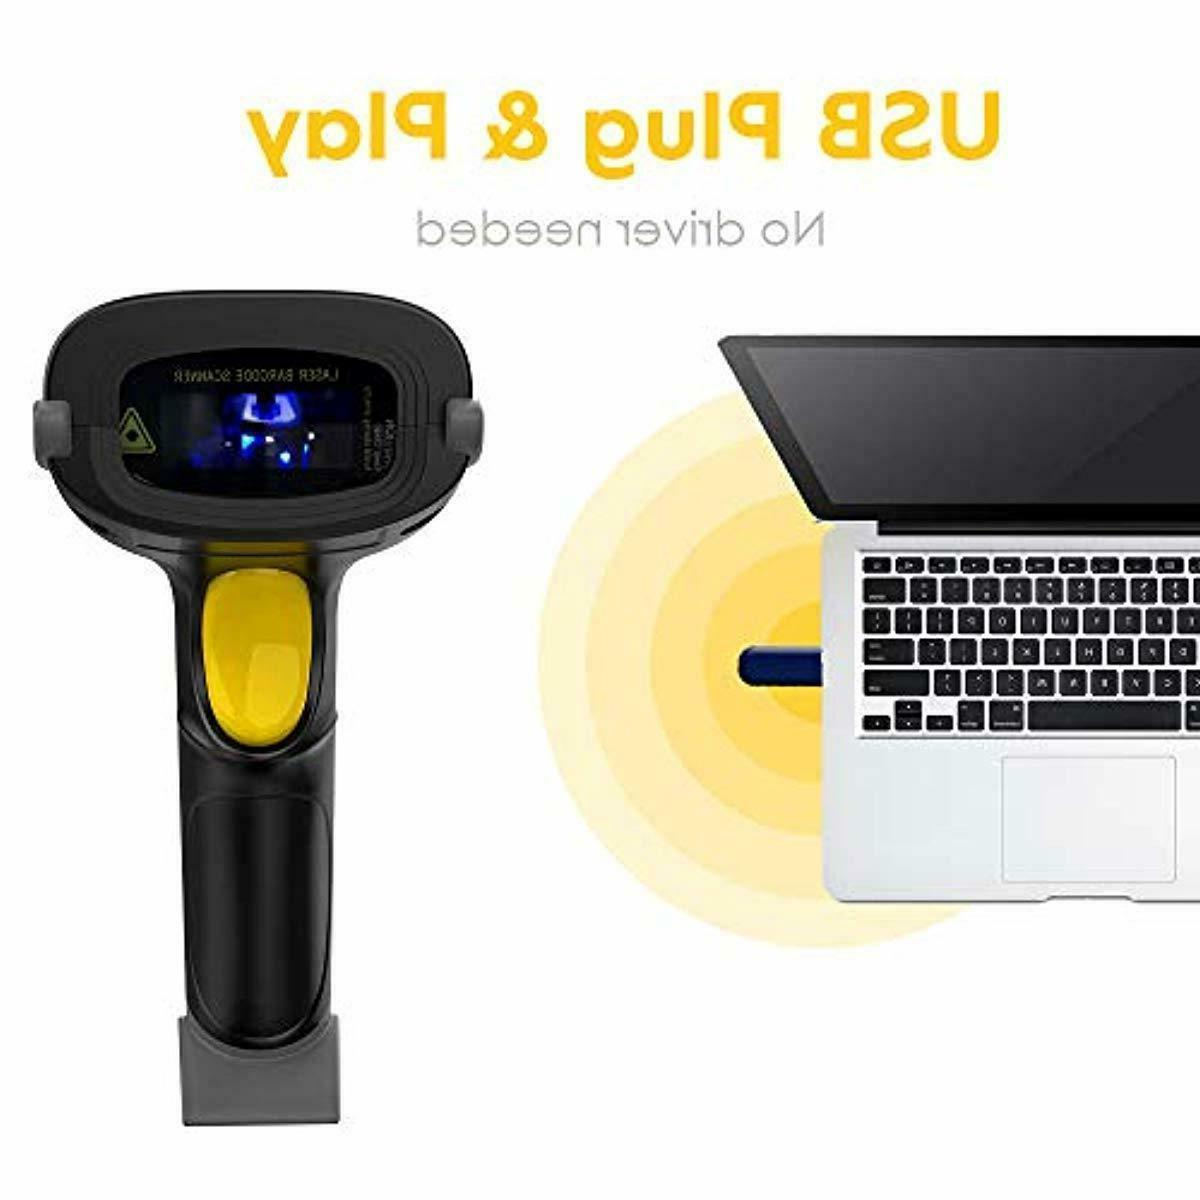 NADAMOO Wireless 328 Feet Transmission Distance USB 1D